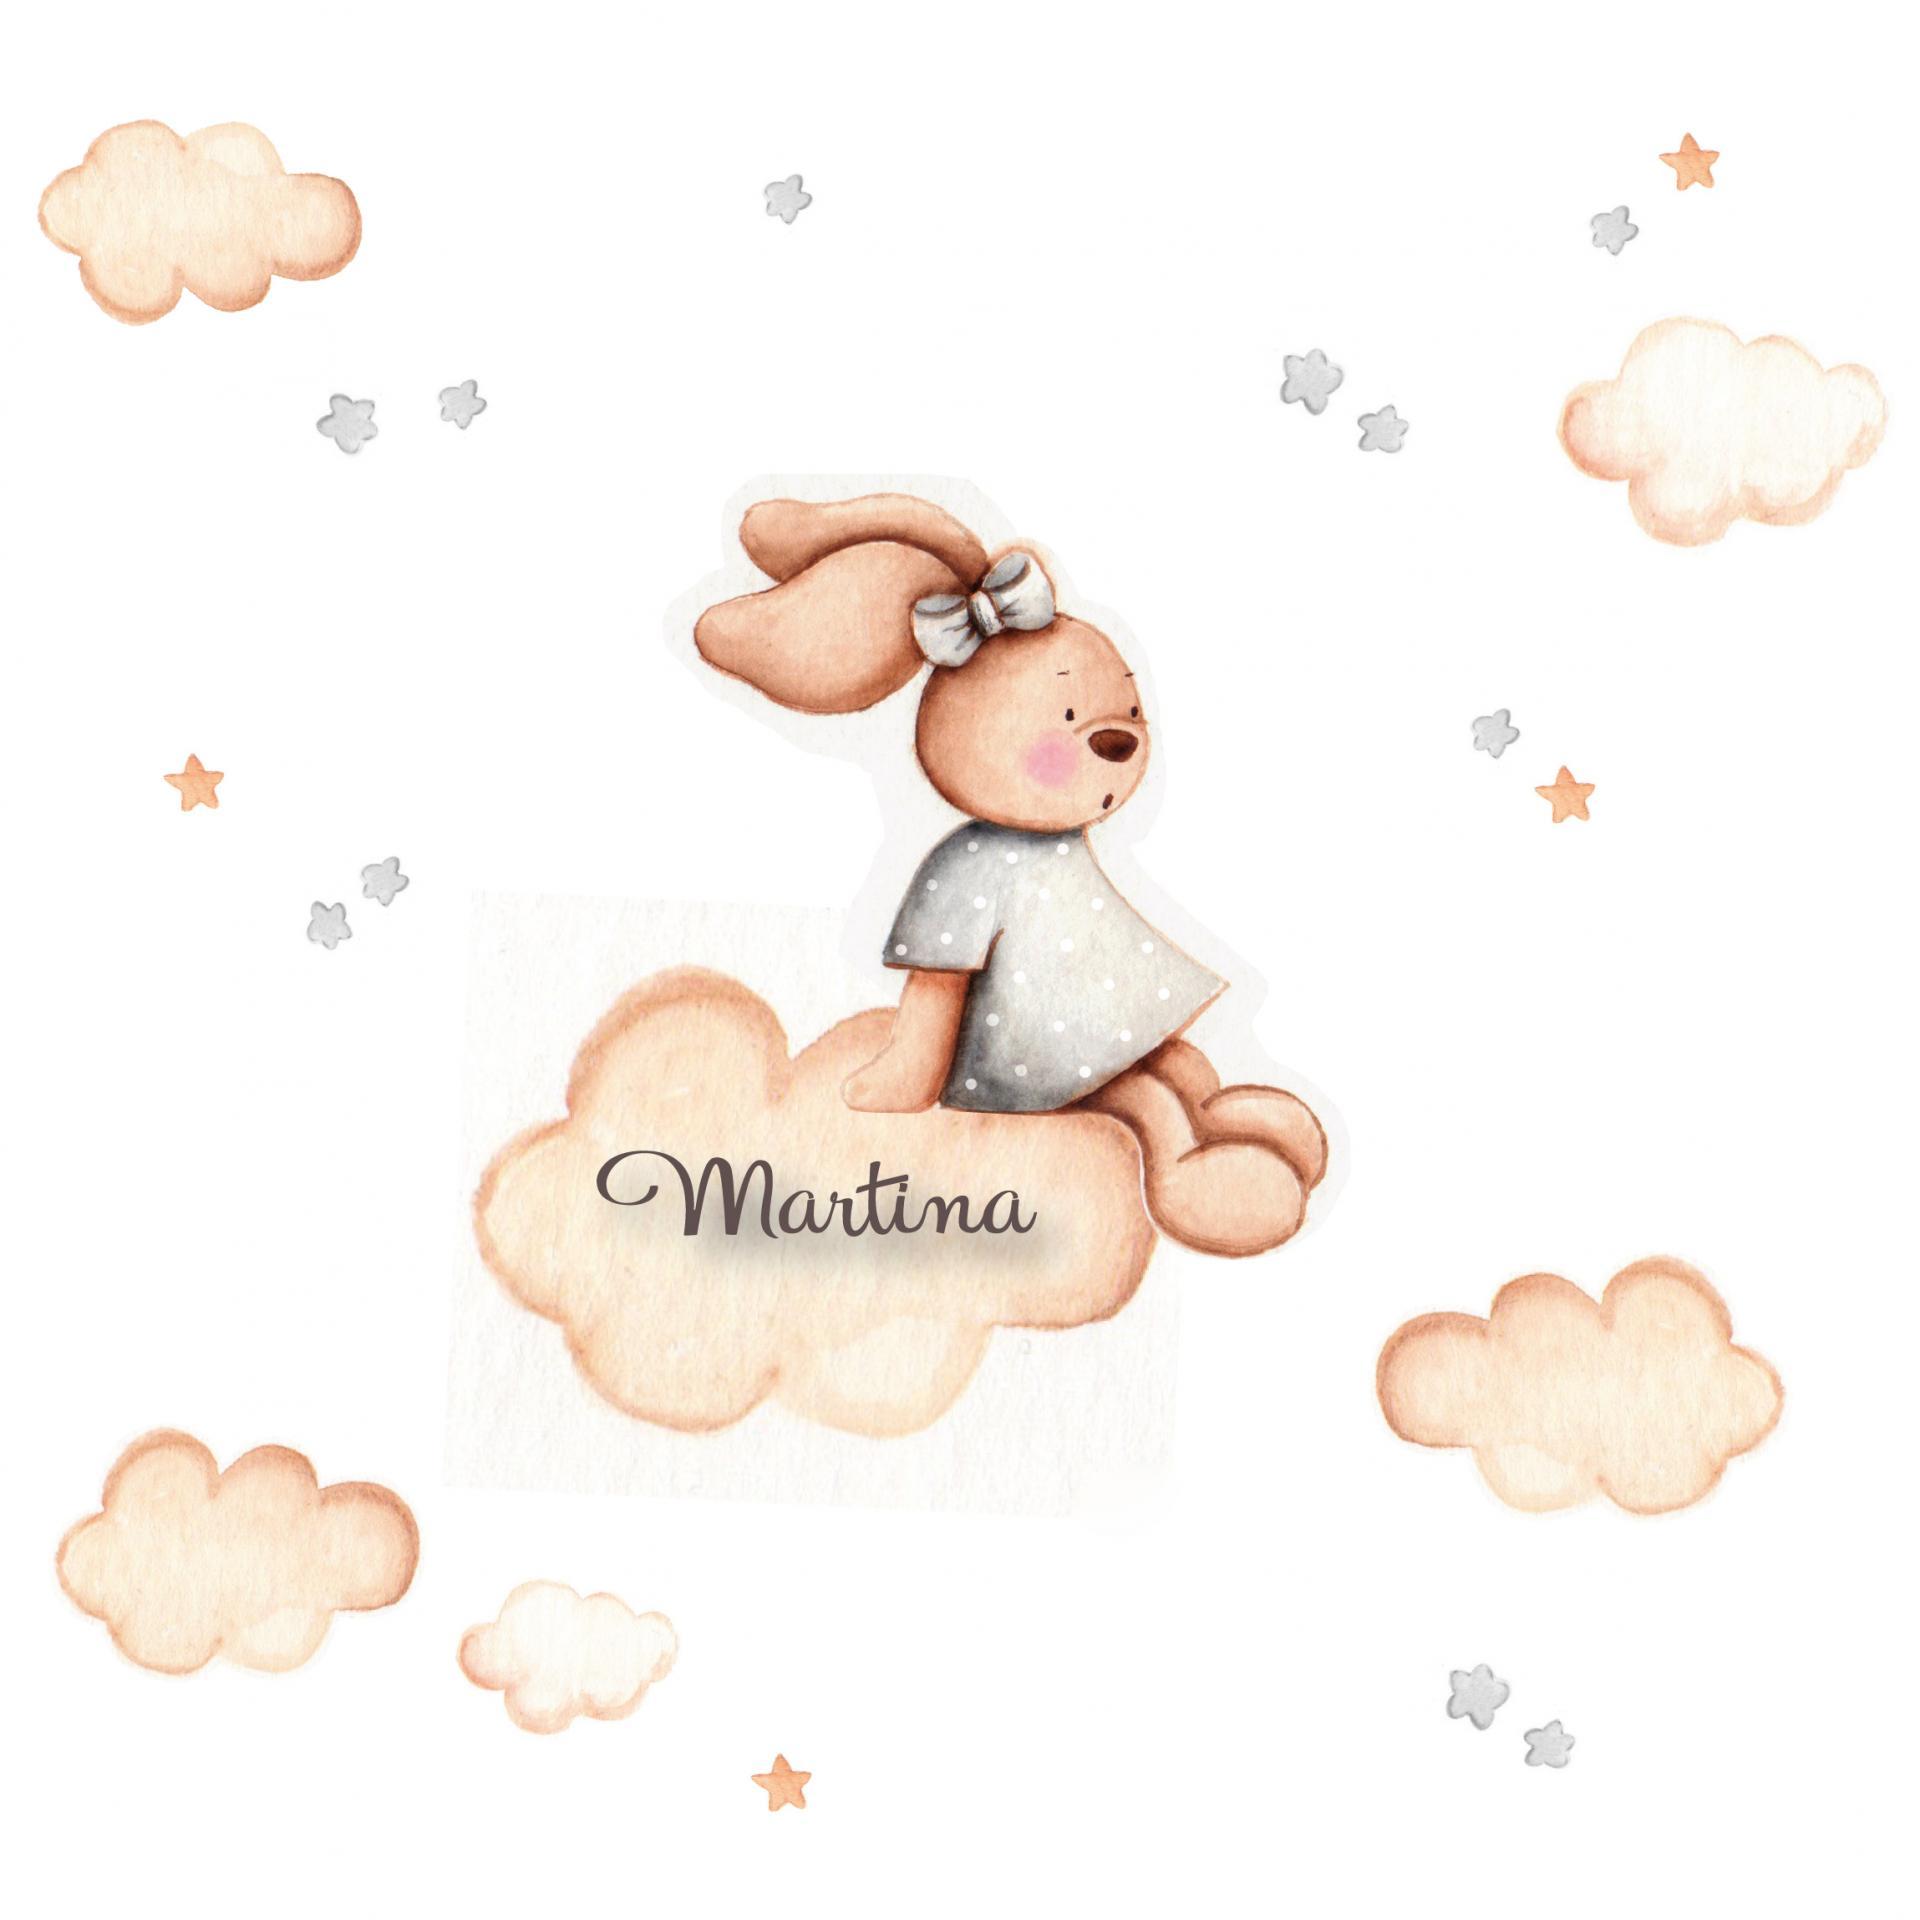 VINILO INFANTIL: Conejita sentada en tonos grises